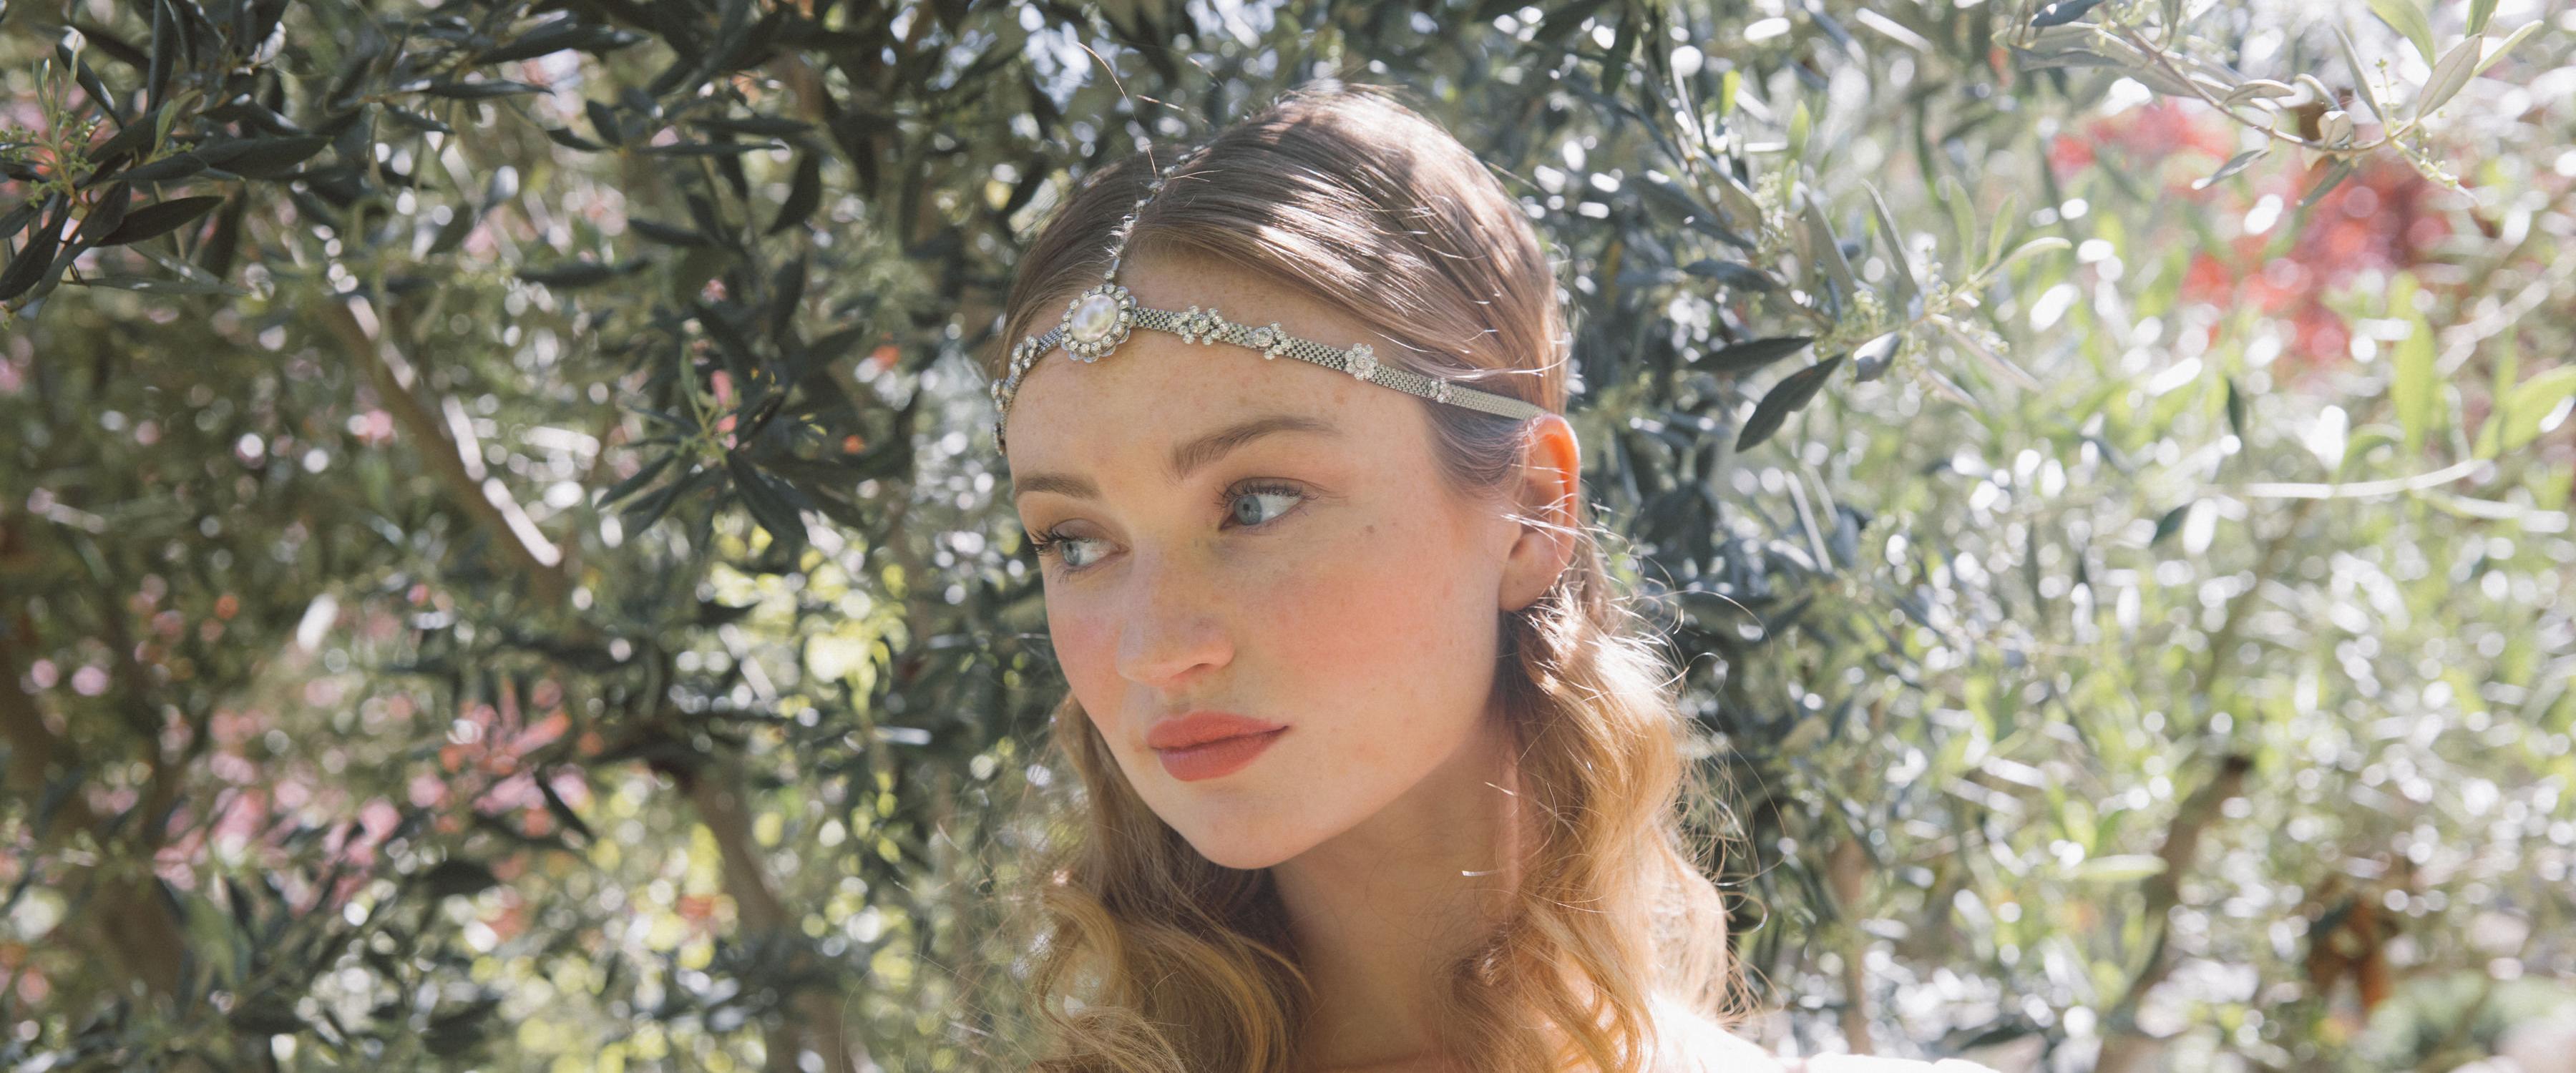 Persei Hair Chain